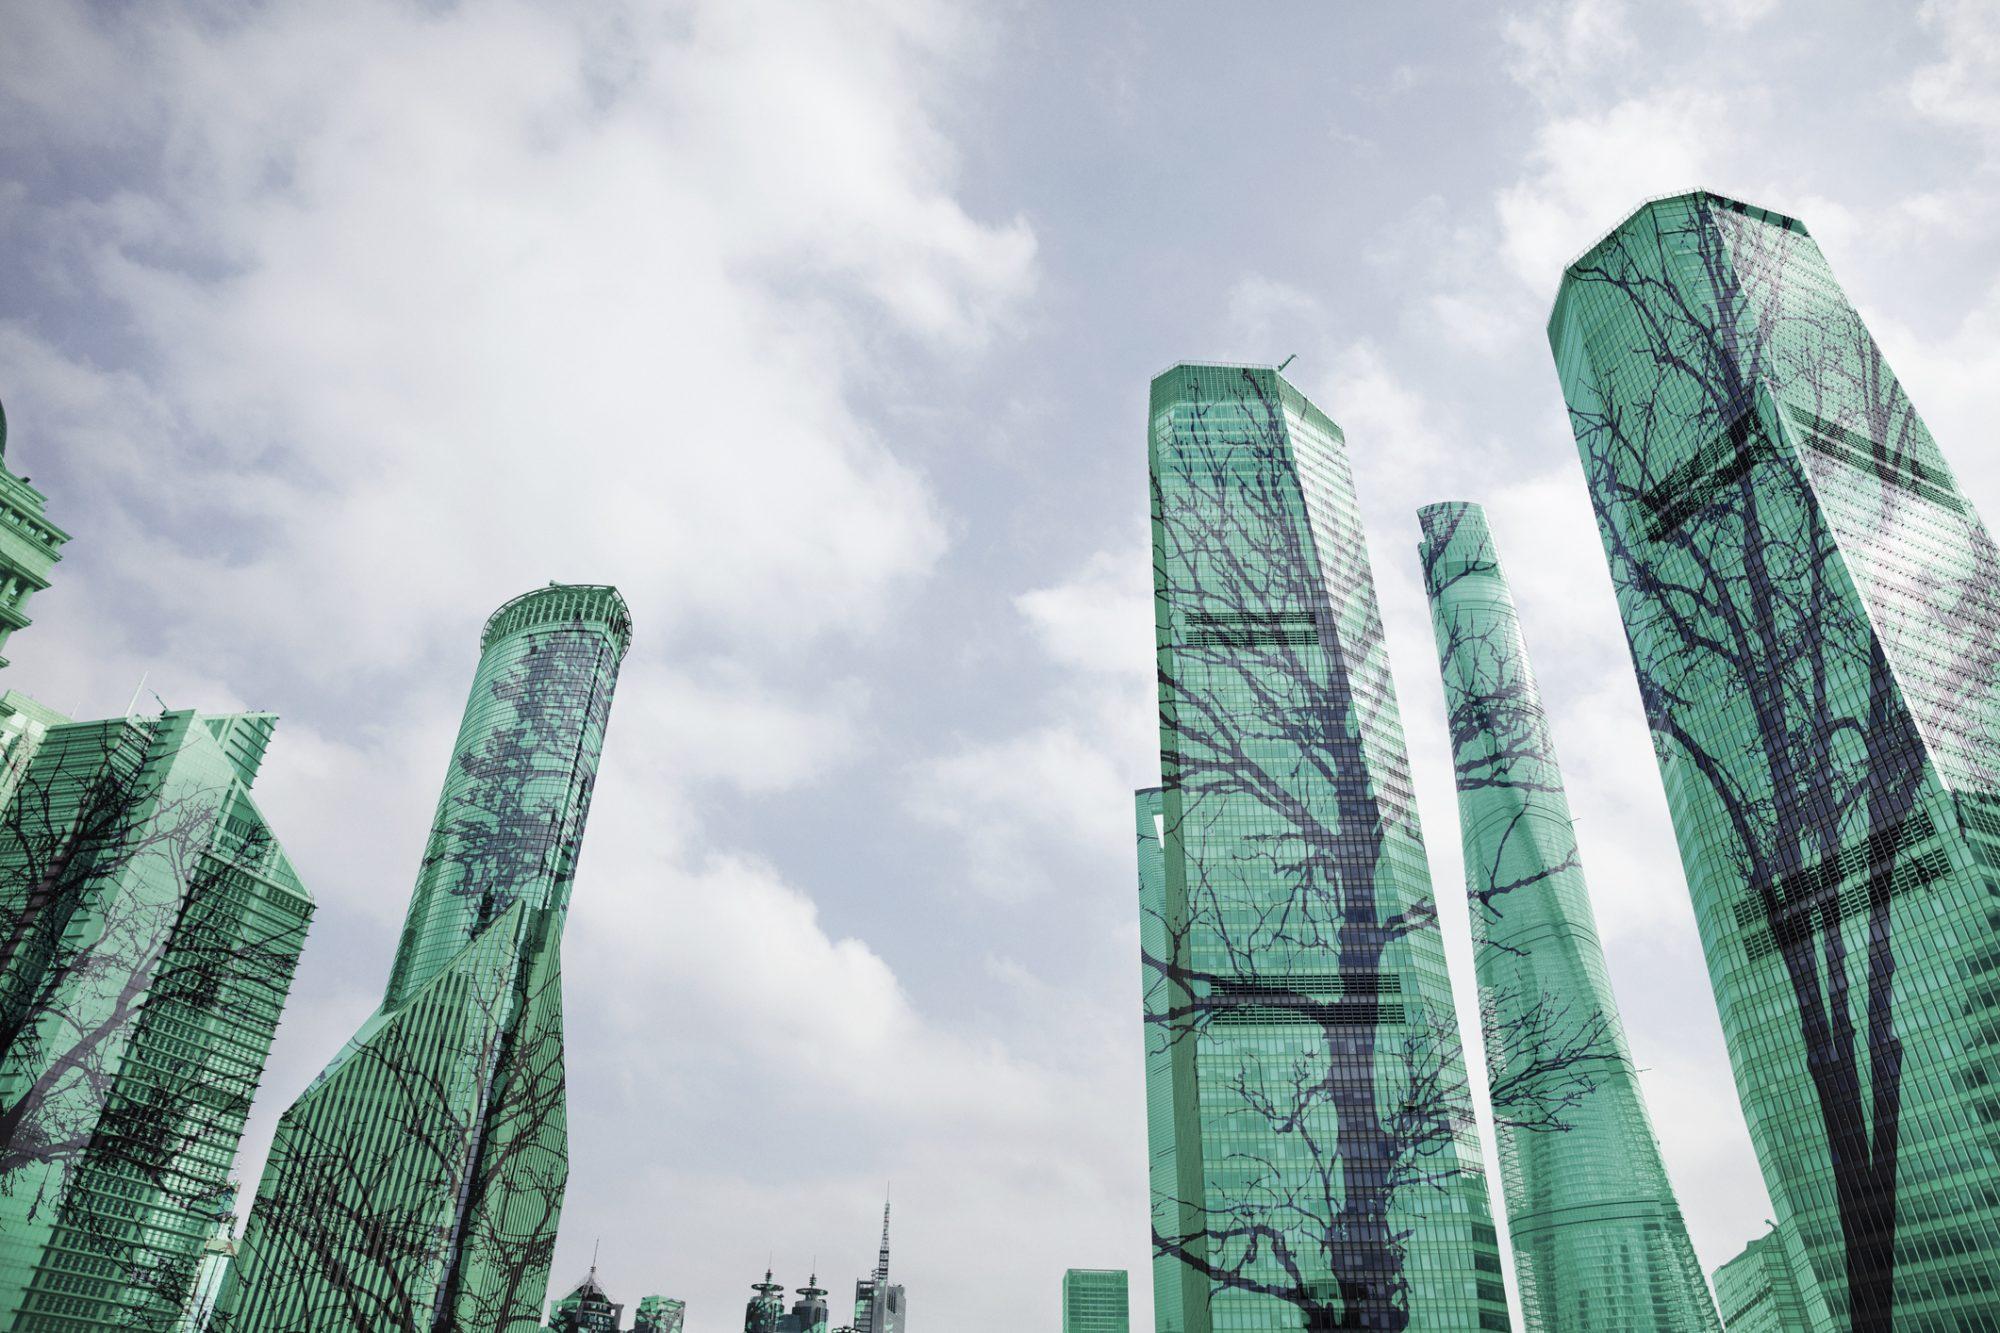 """Abstrakte Wolkenkratzer, die Bäume , die nach oben ranken darstellen als Metapher für den Artikel """"ESG-Investitionen auf dem Vormarsch"""""""